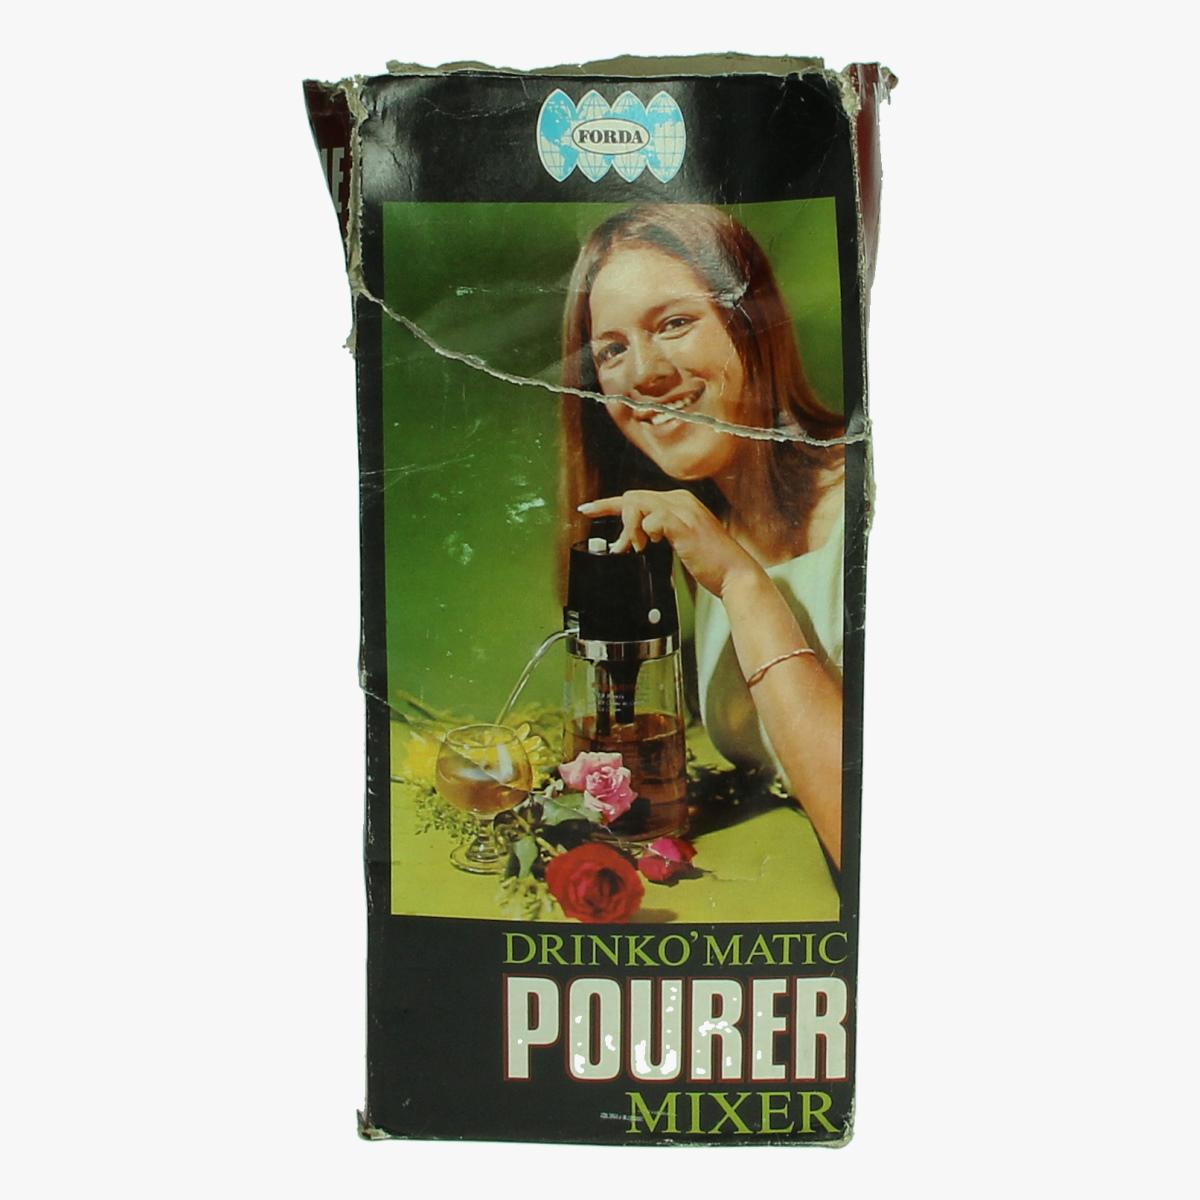 Afbeeldingen van Drinko'matic Pourer Mixer, Forda,